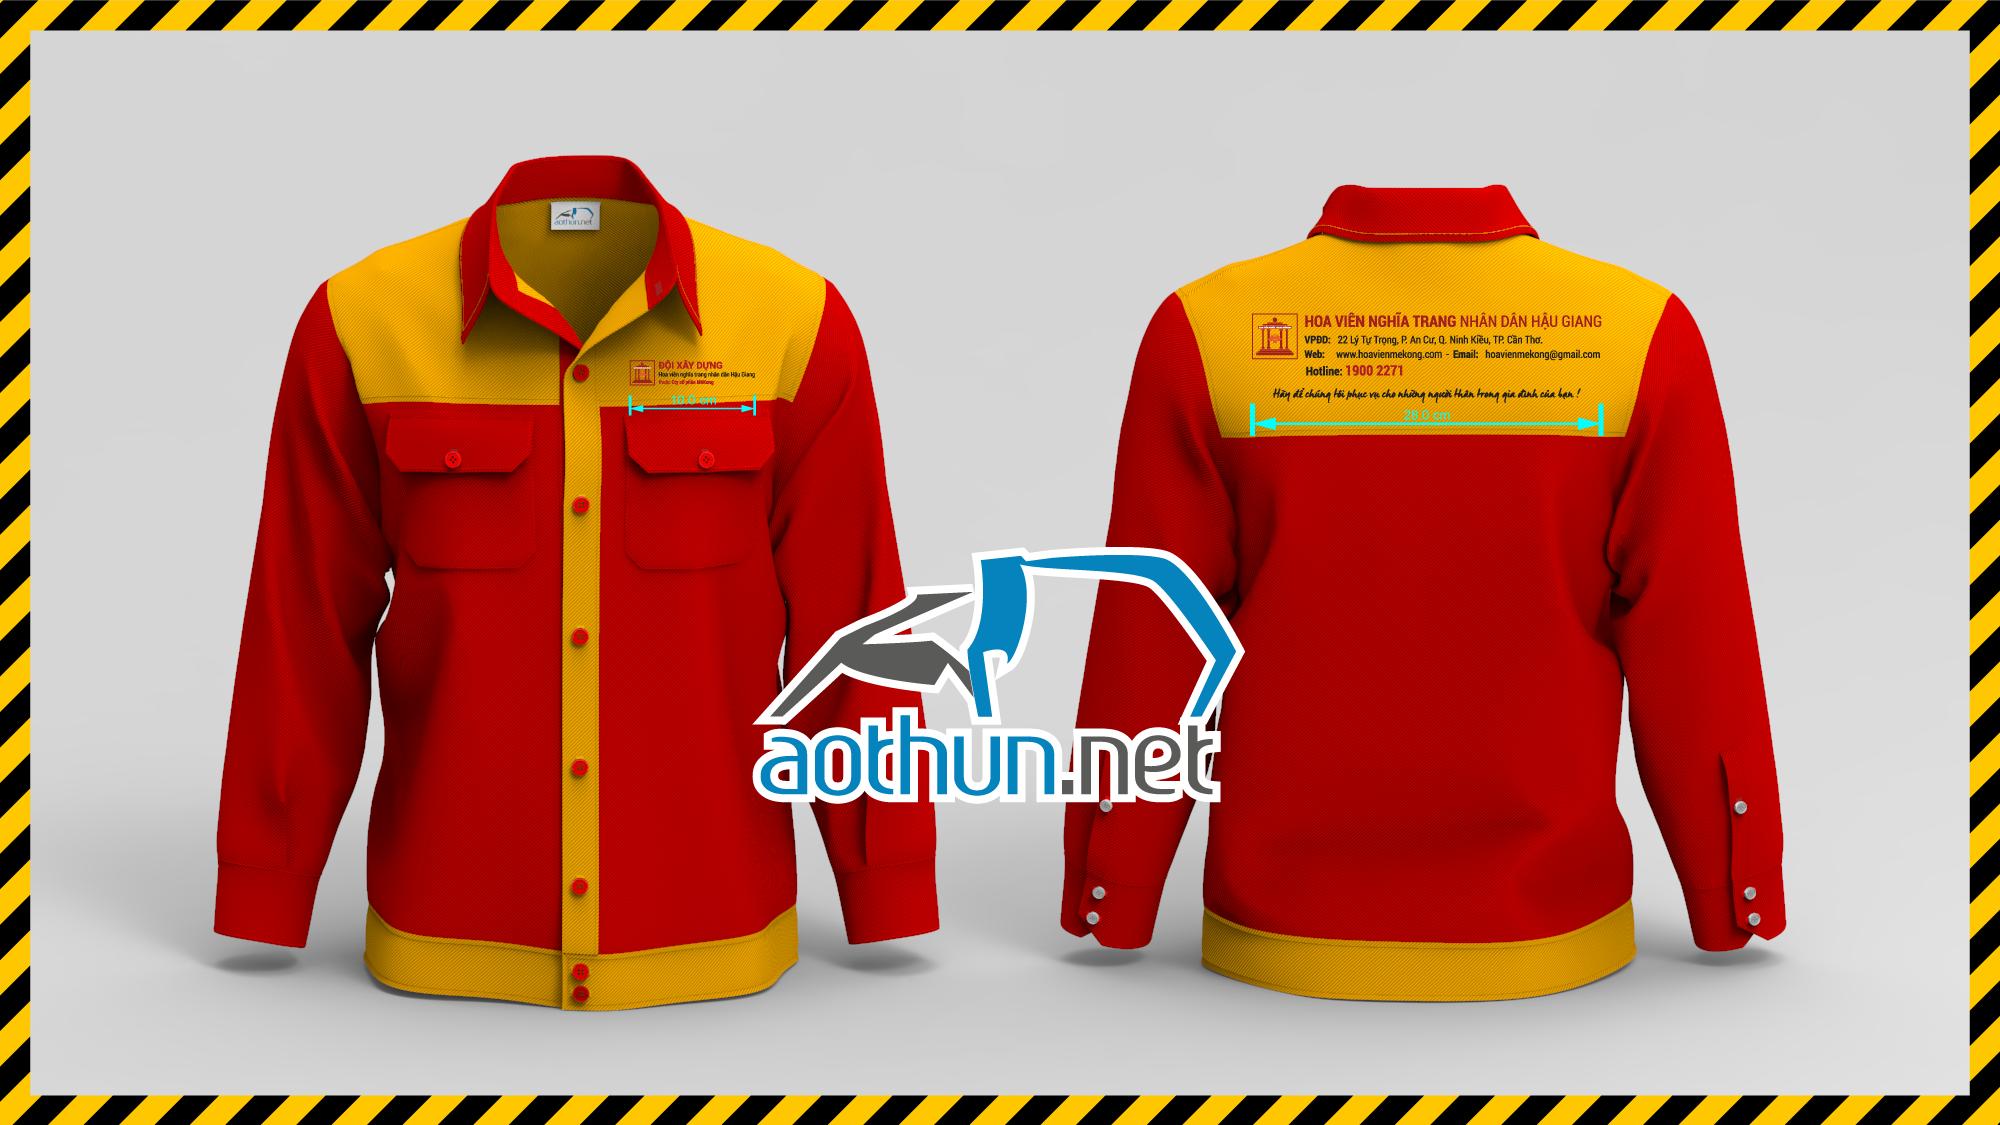 Đồng phục bảo hộ lao động Công nhân Hoa viên Nghĩa Trang Nhân Dân Hậu Giang